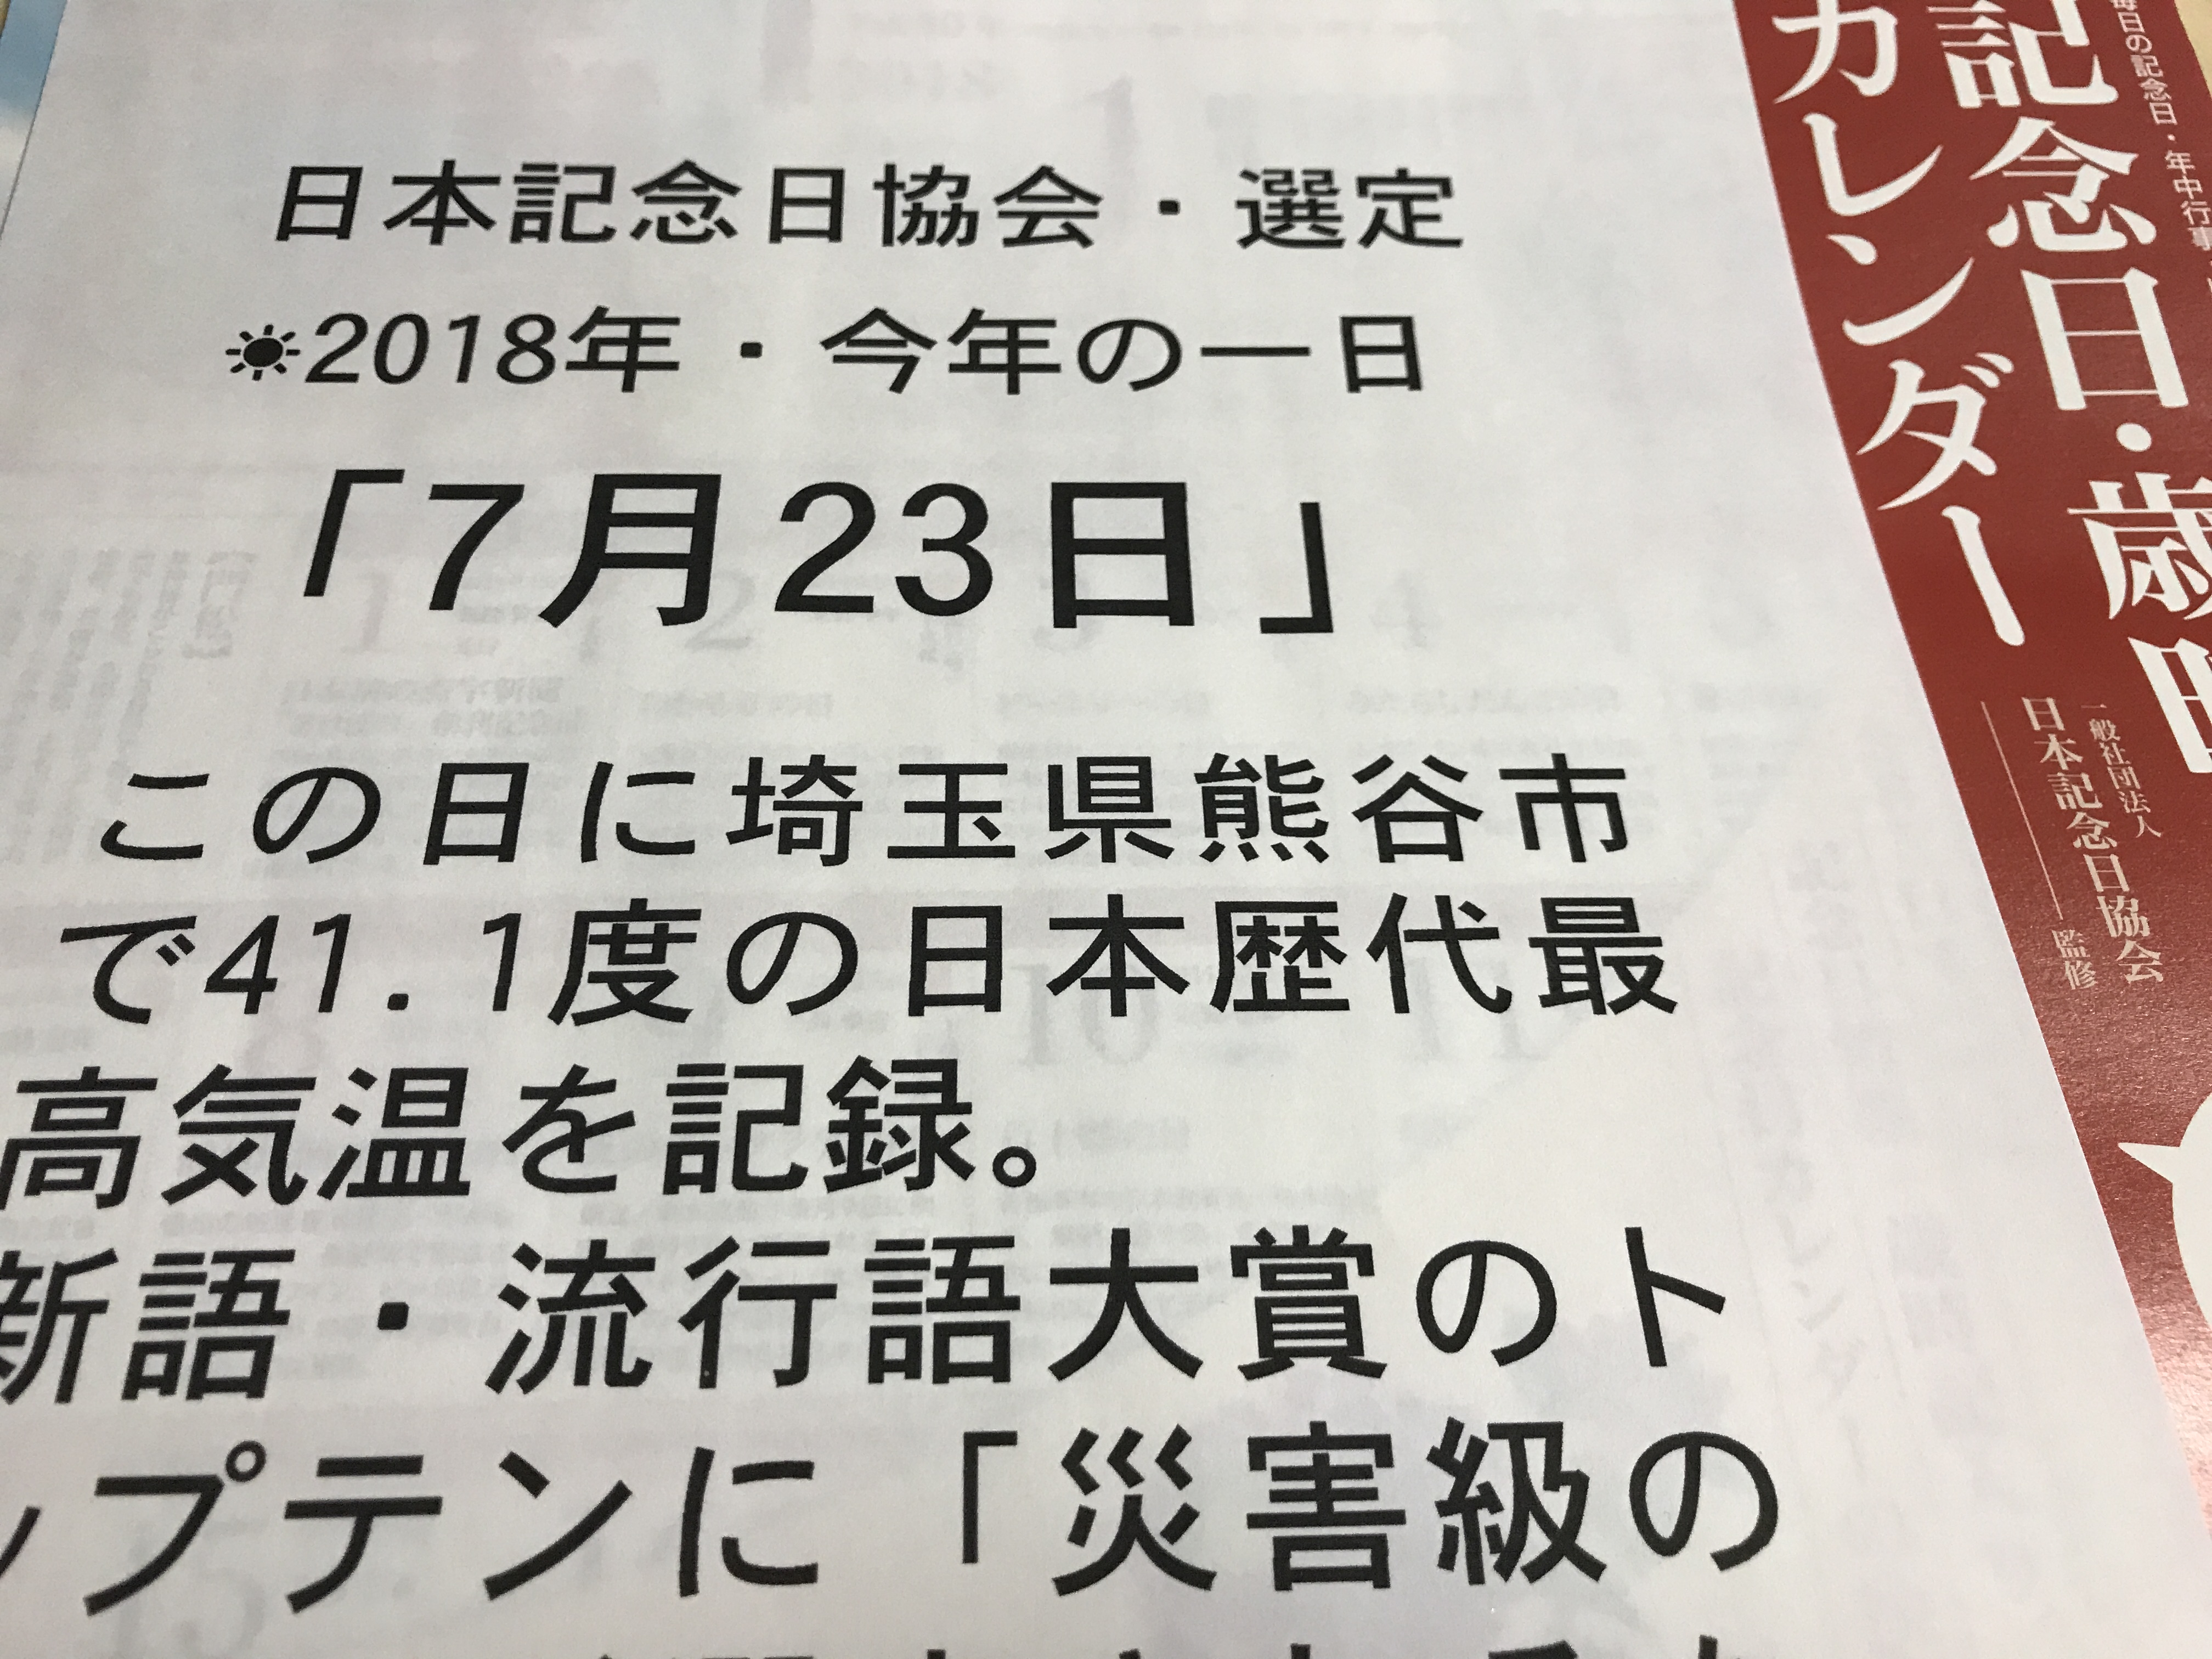 日本記念日協会では